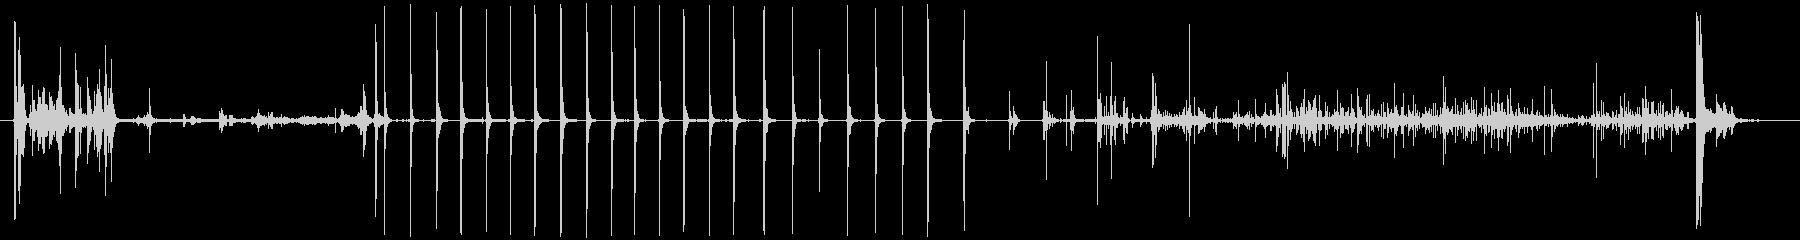 バレルメーカー03;バレルメーカー...の未再生の波形